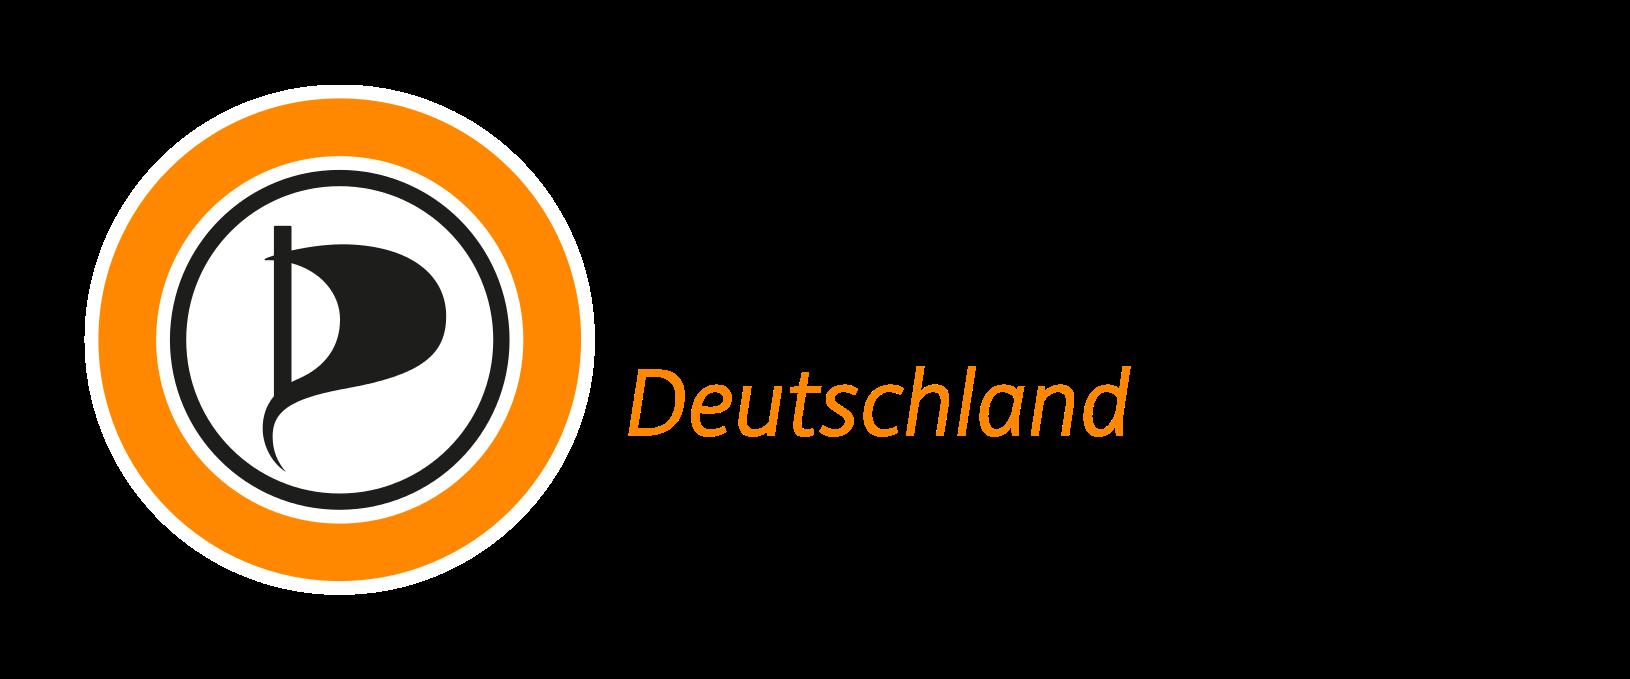 Lothar Krauß – Piratenpartei Frankfurt – Ortsbeirat 2